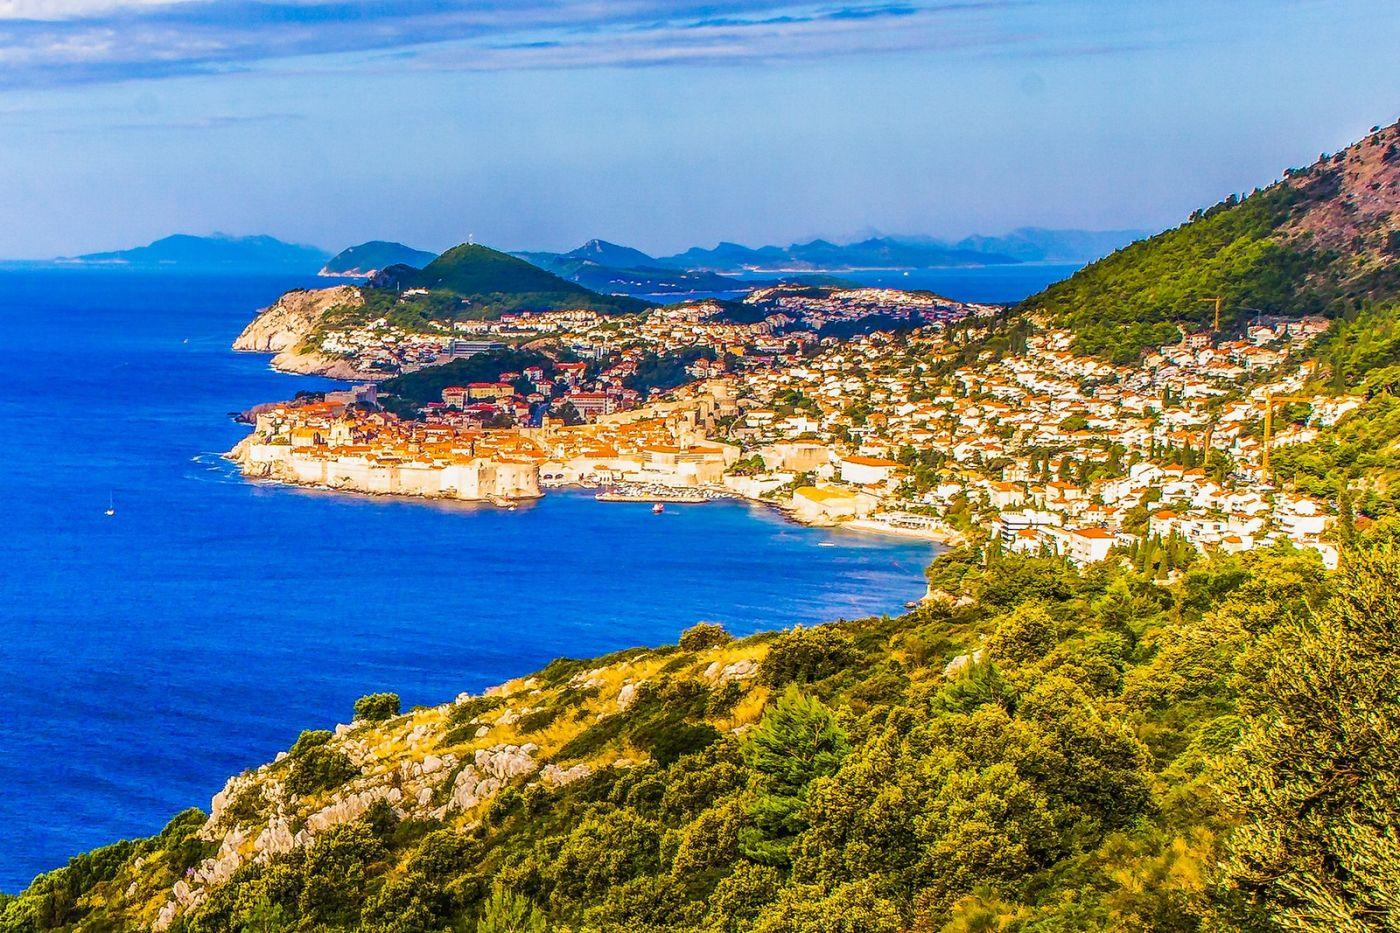 克罗地亚杜布罗夫尼克(Dubrovnik),远眺古城_图1-11